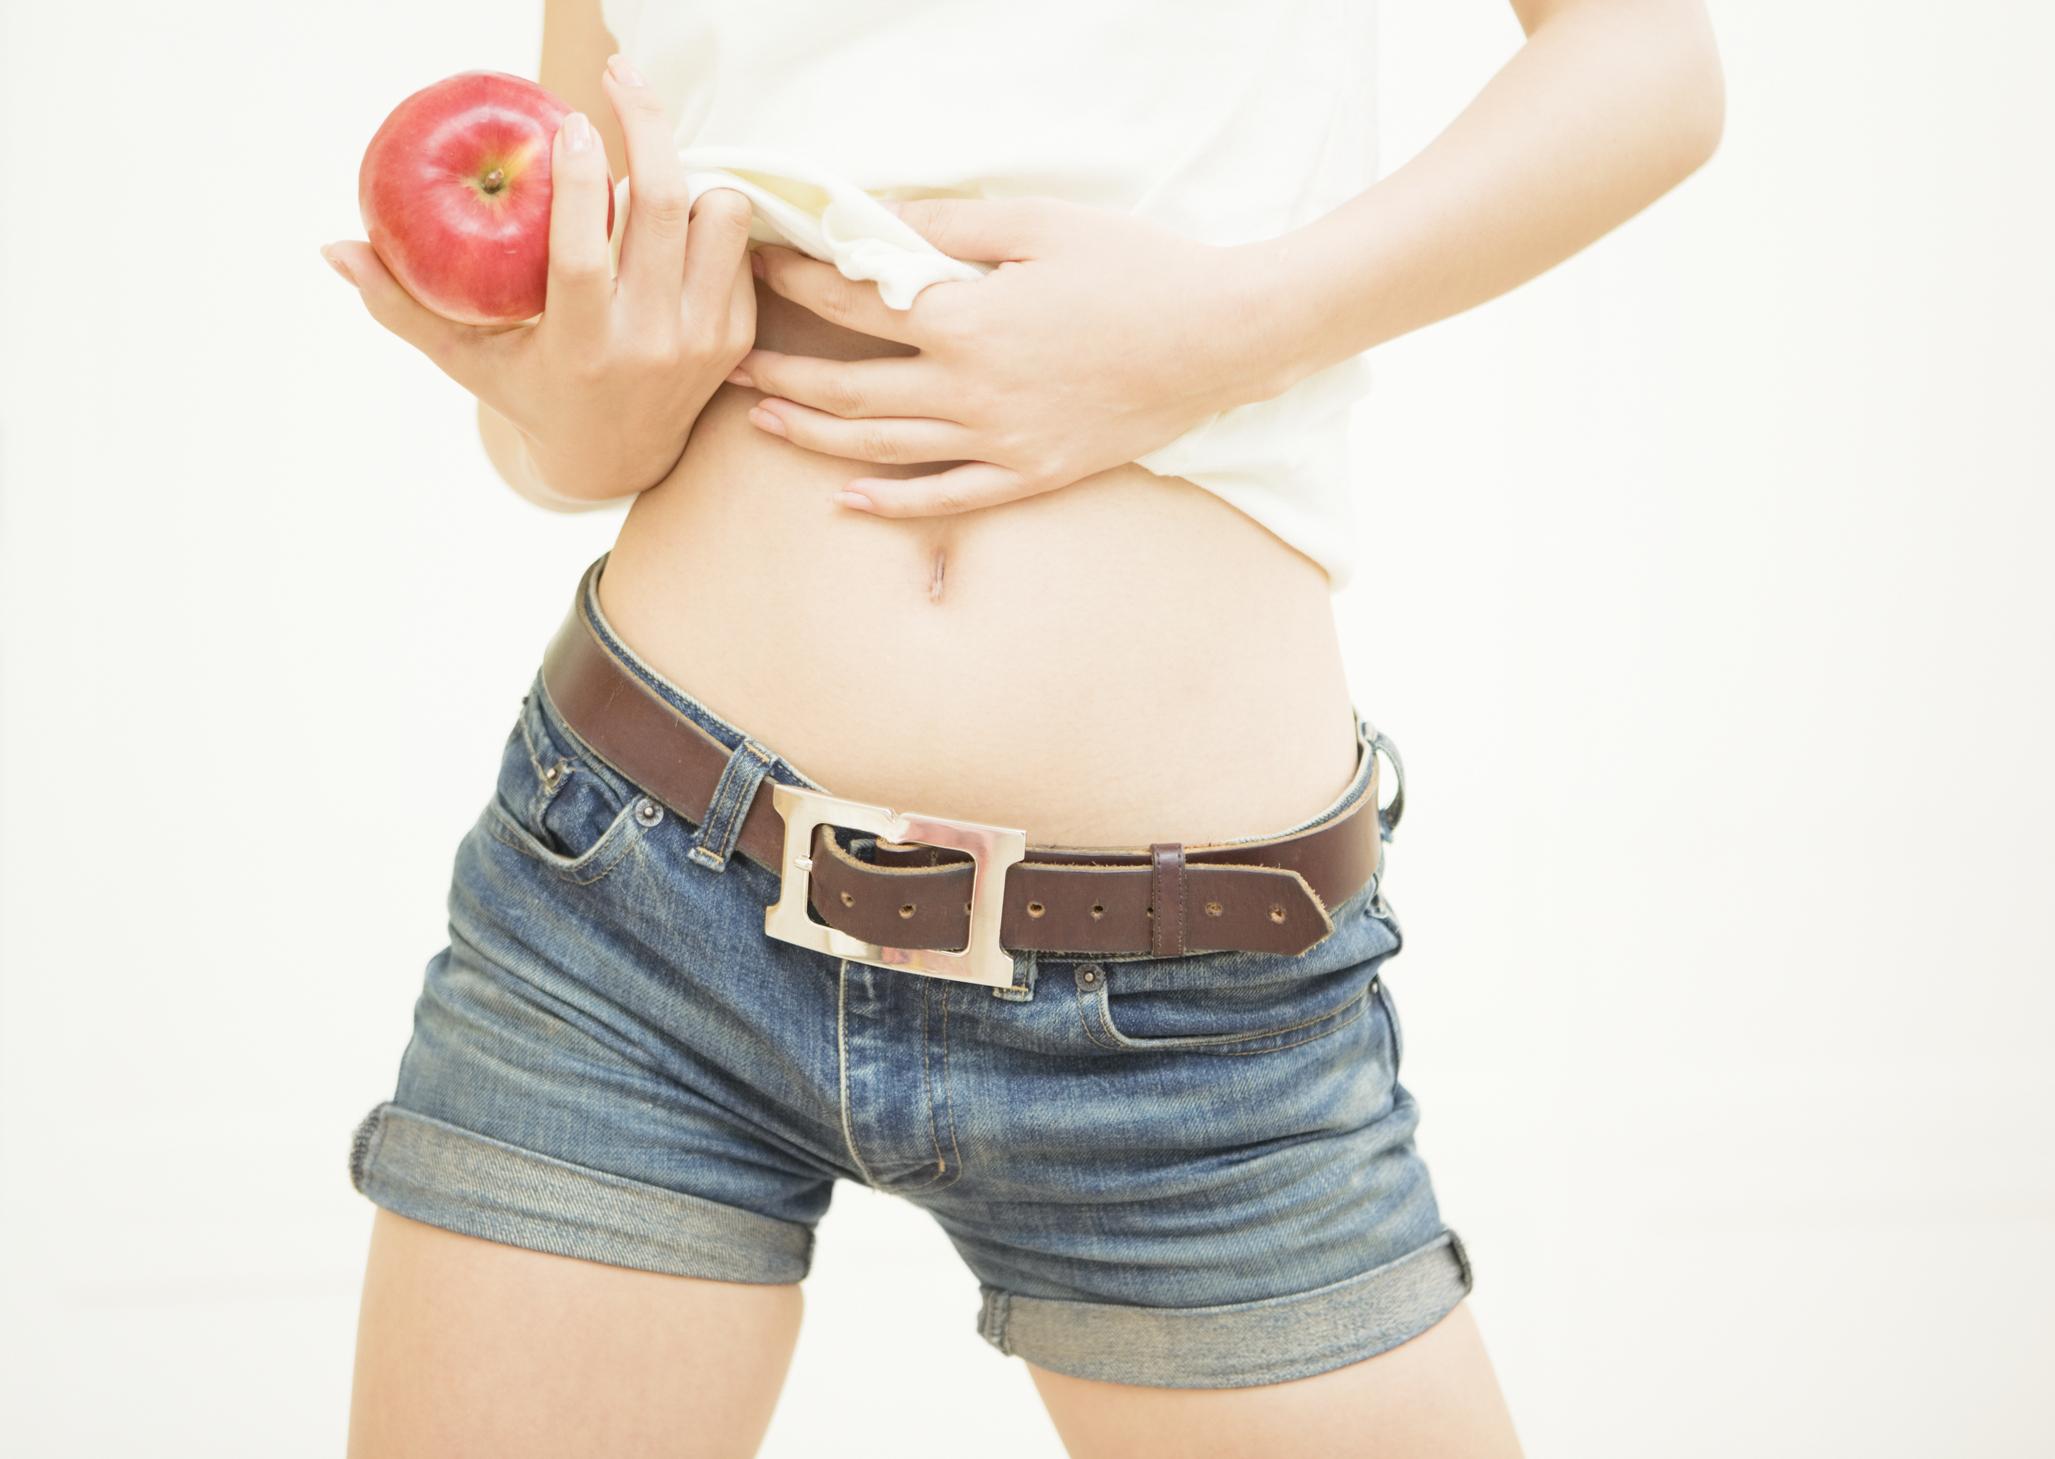 похудение отзывы врачей эхо